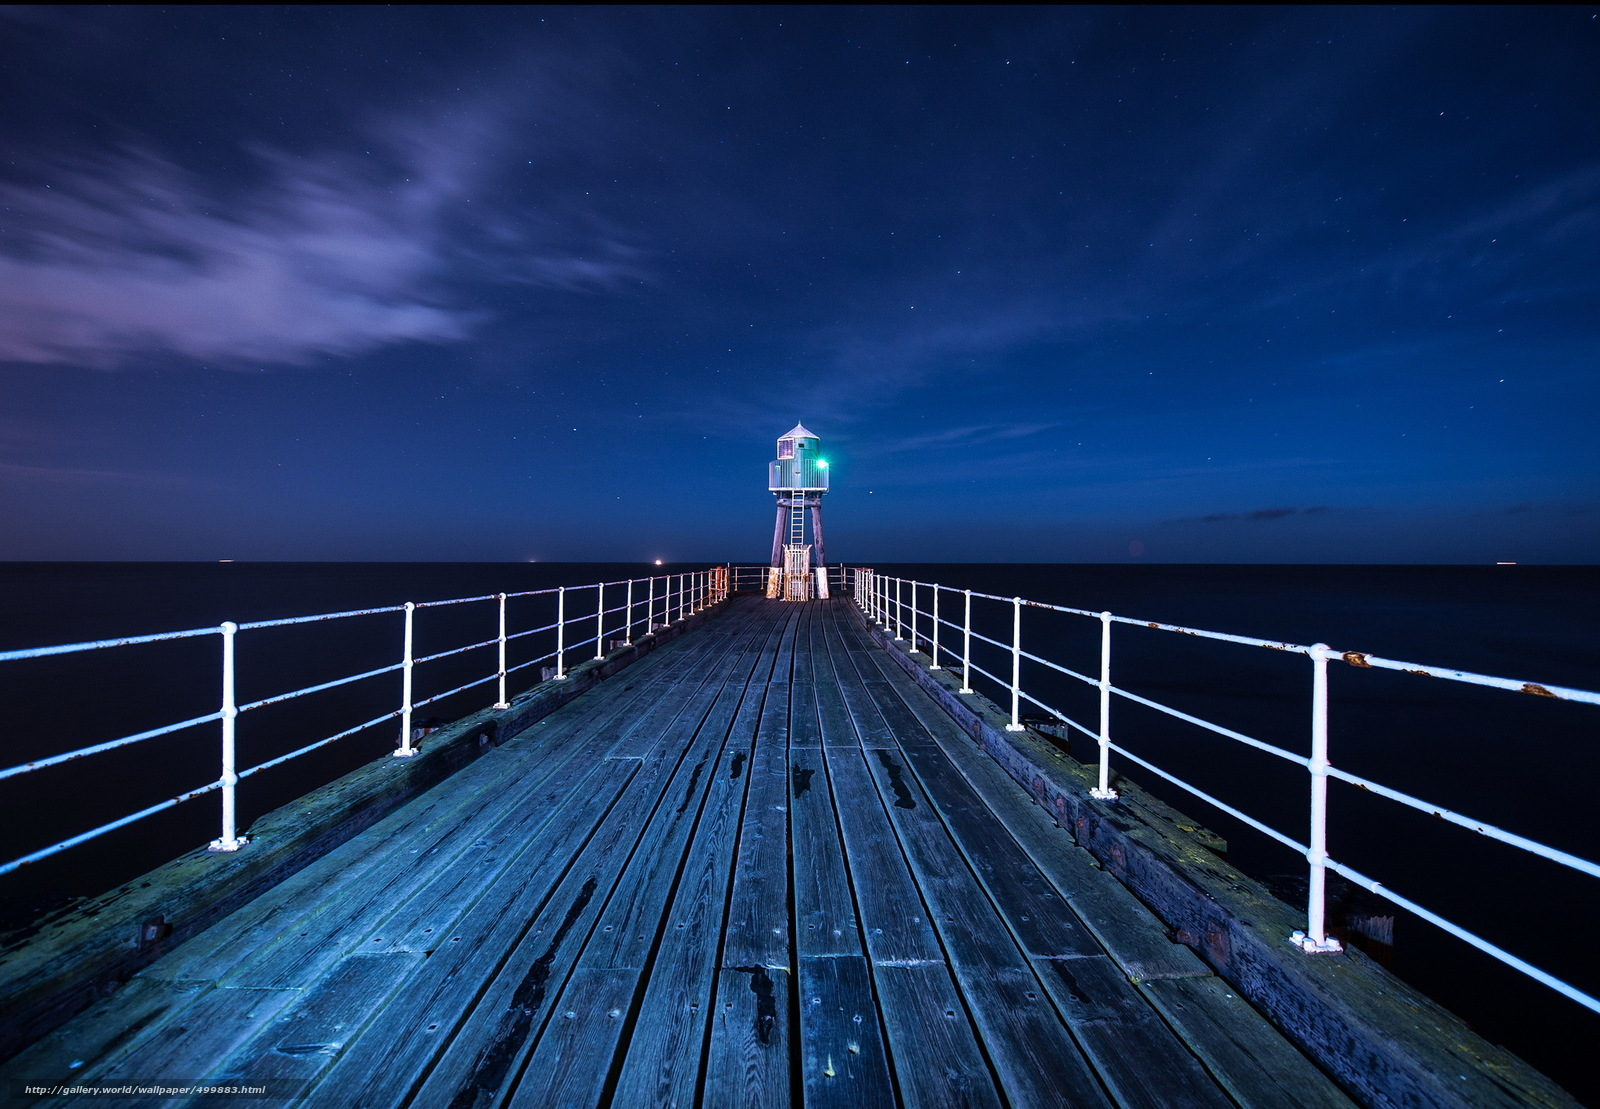 Scaricare Gli Sfondi Mare Notte Molo Faro Sfondi Gratis Per La